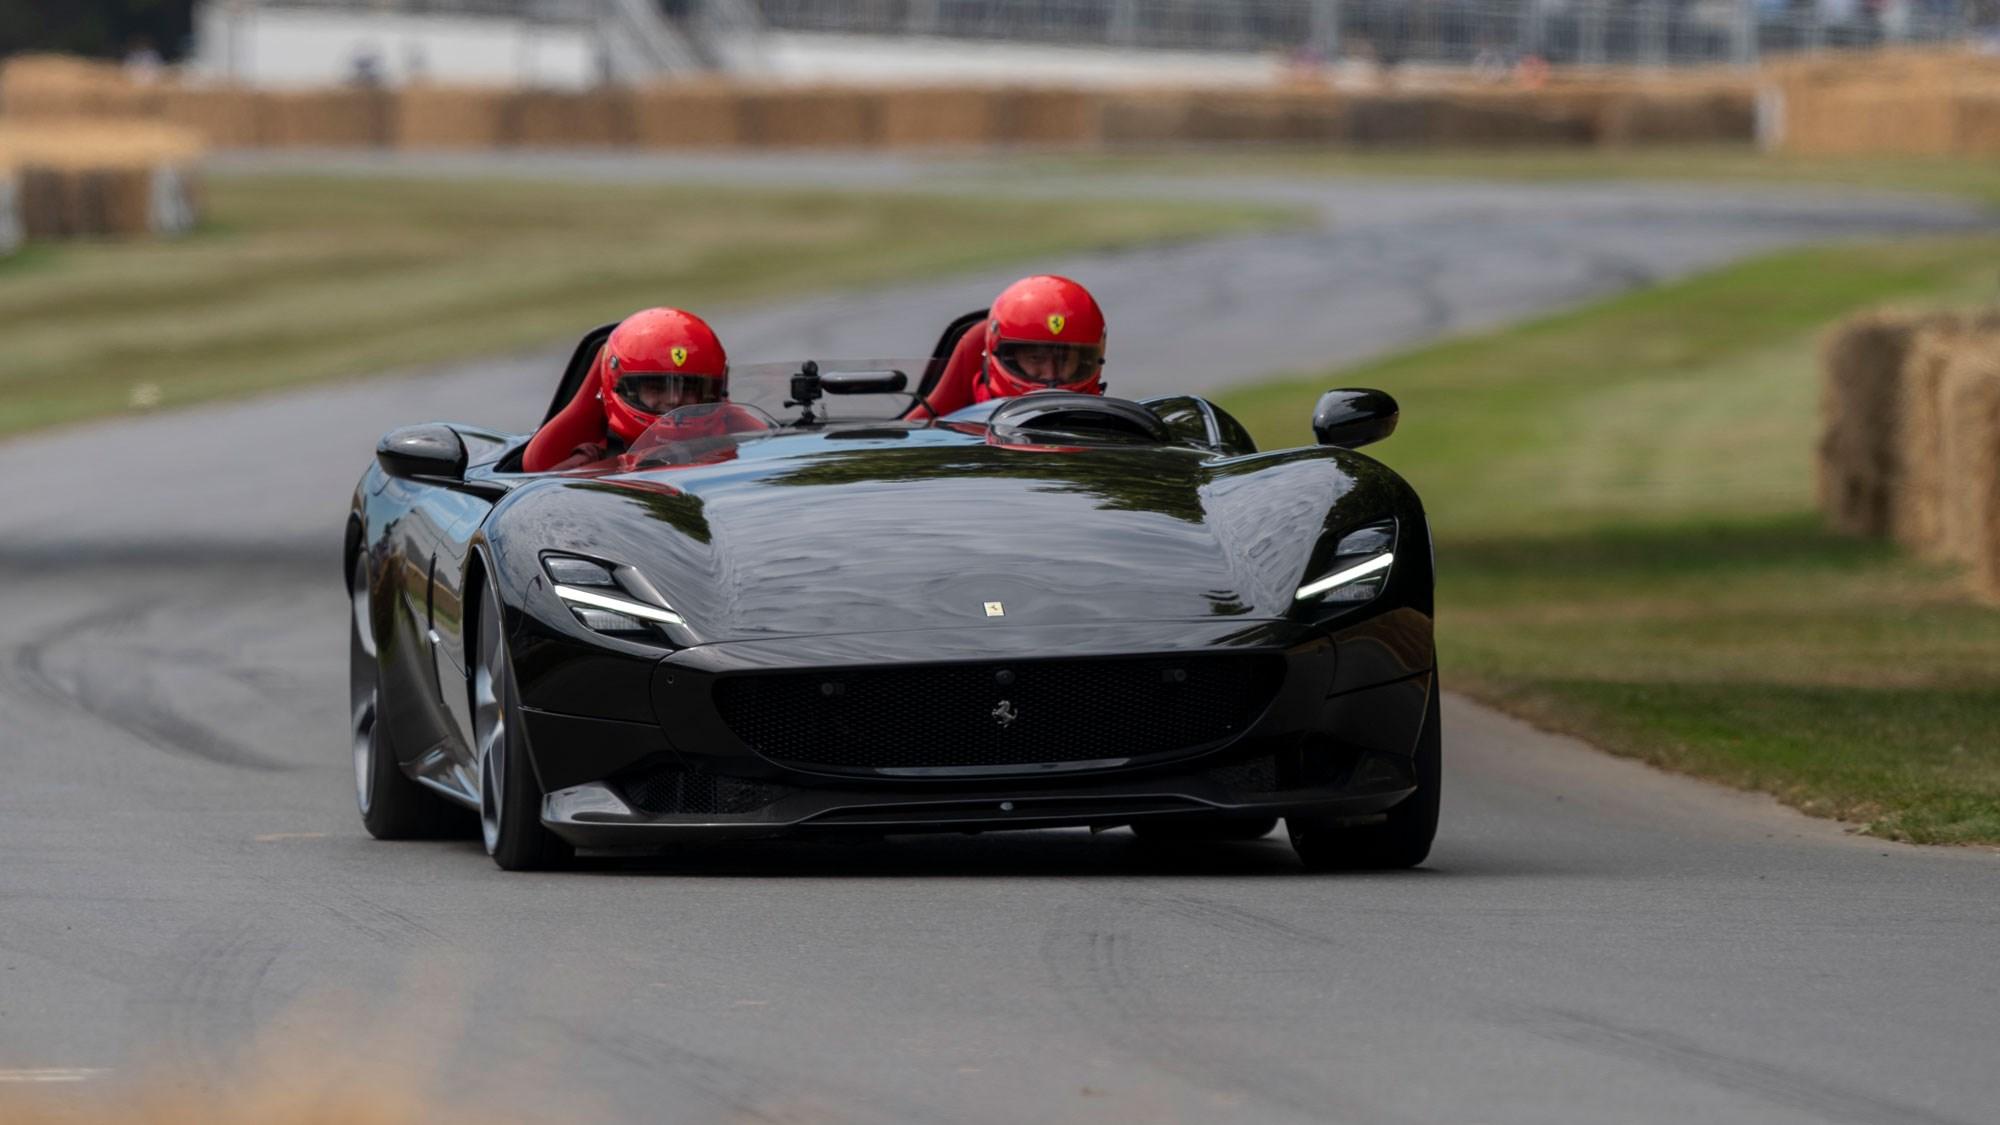 Ferrari Monza Sp1 And Sp2 A Ride In Maranello S Special